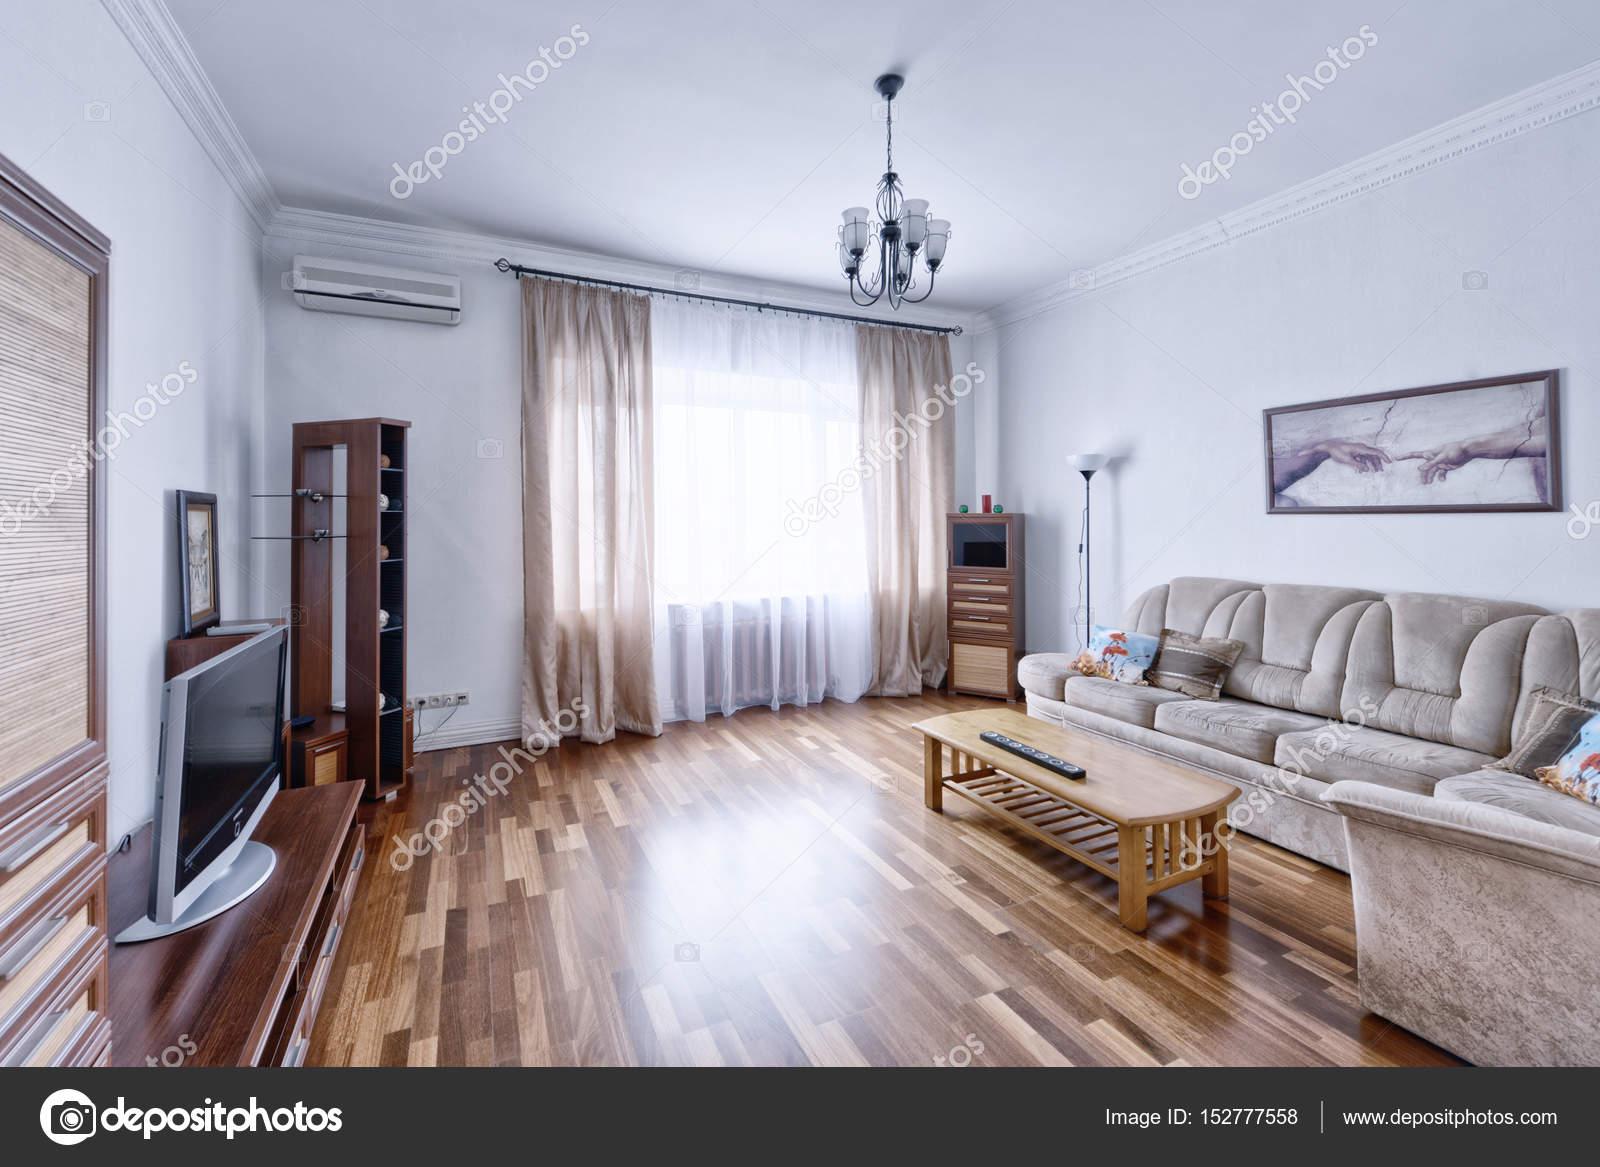 Russland-Moskau - moderne Innenarchitektur Wohnzimmer, städtische ...